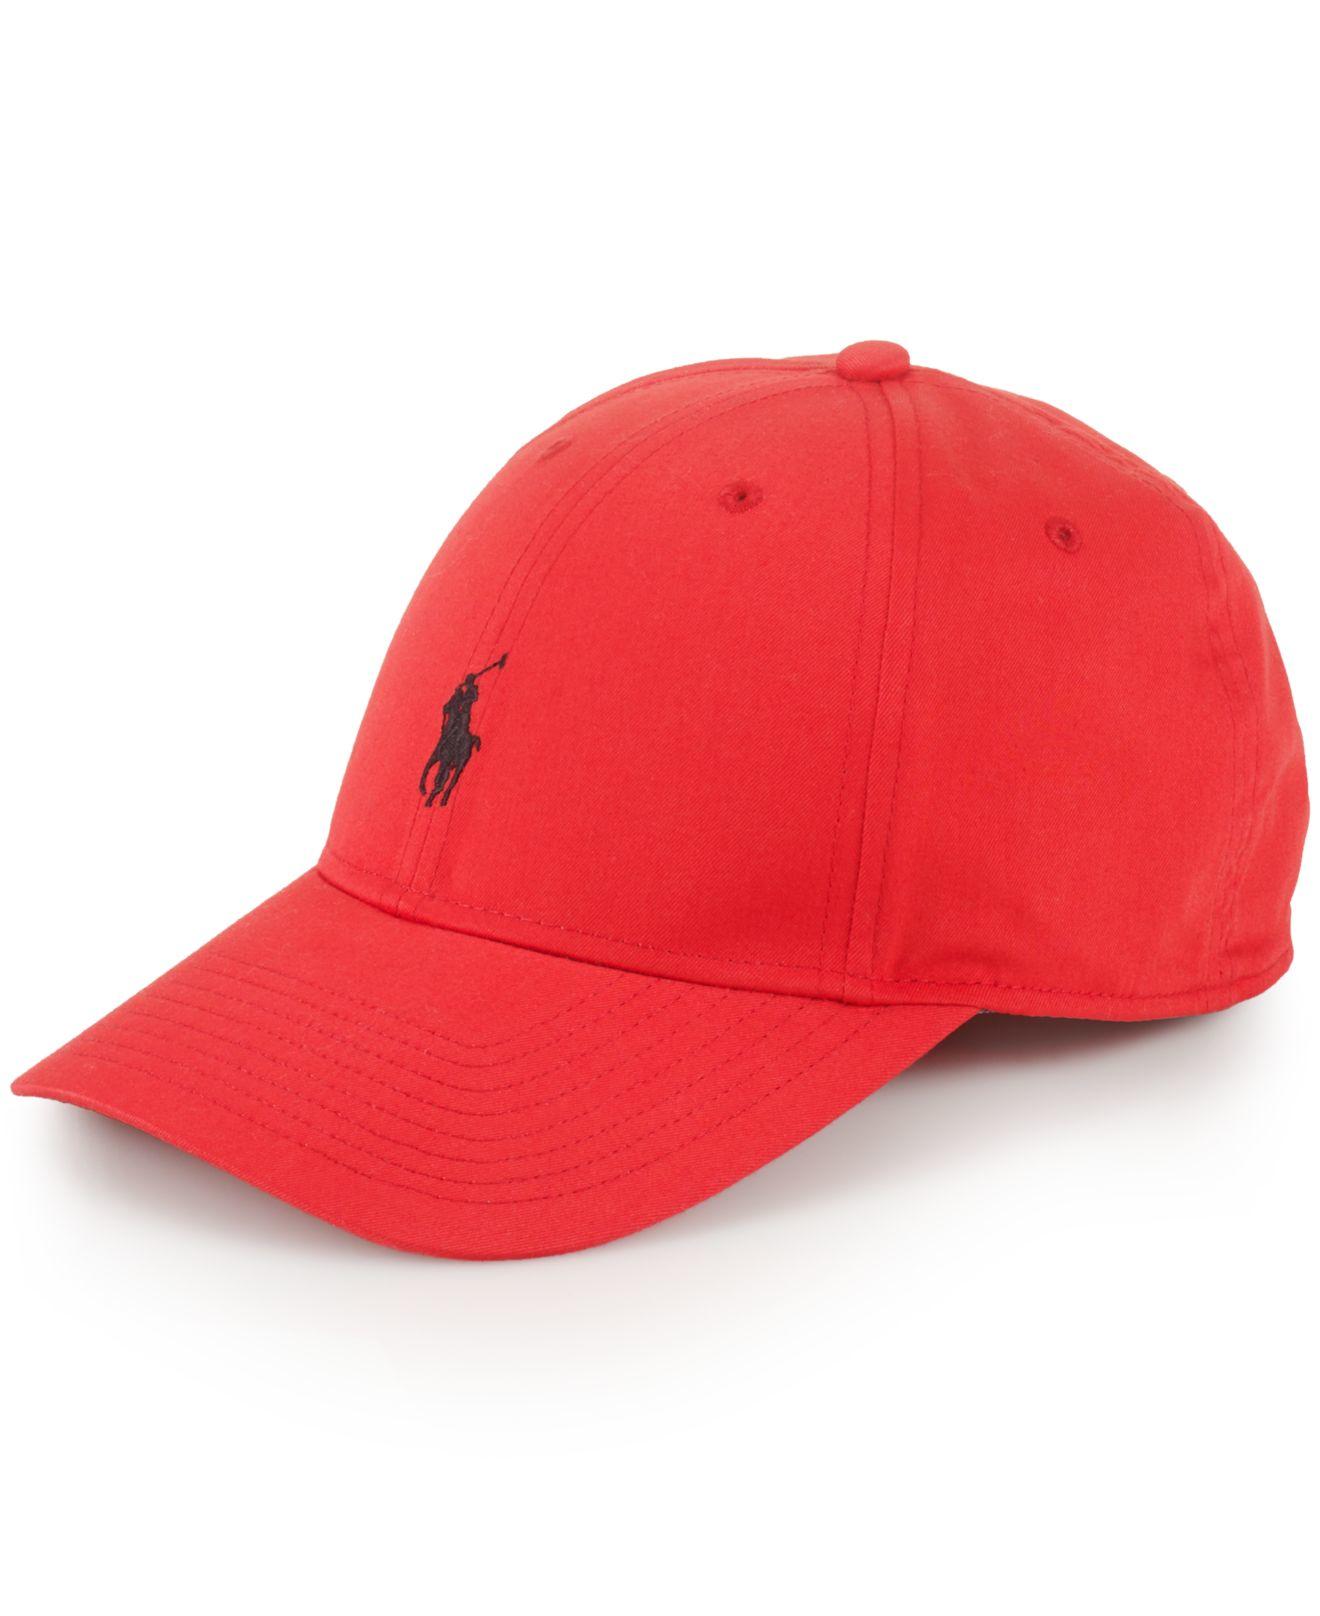 polo ralph lauren baseline hat in red for men lyst. Black Bedroom Furniture Sets. Home Design Ideas